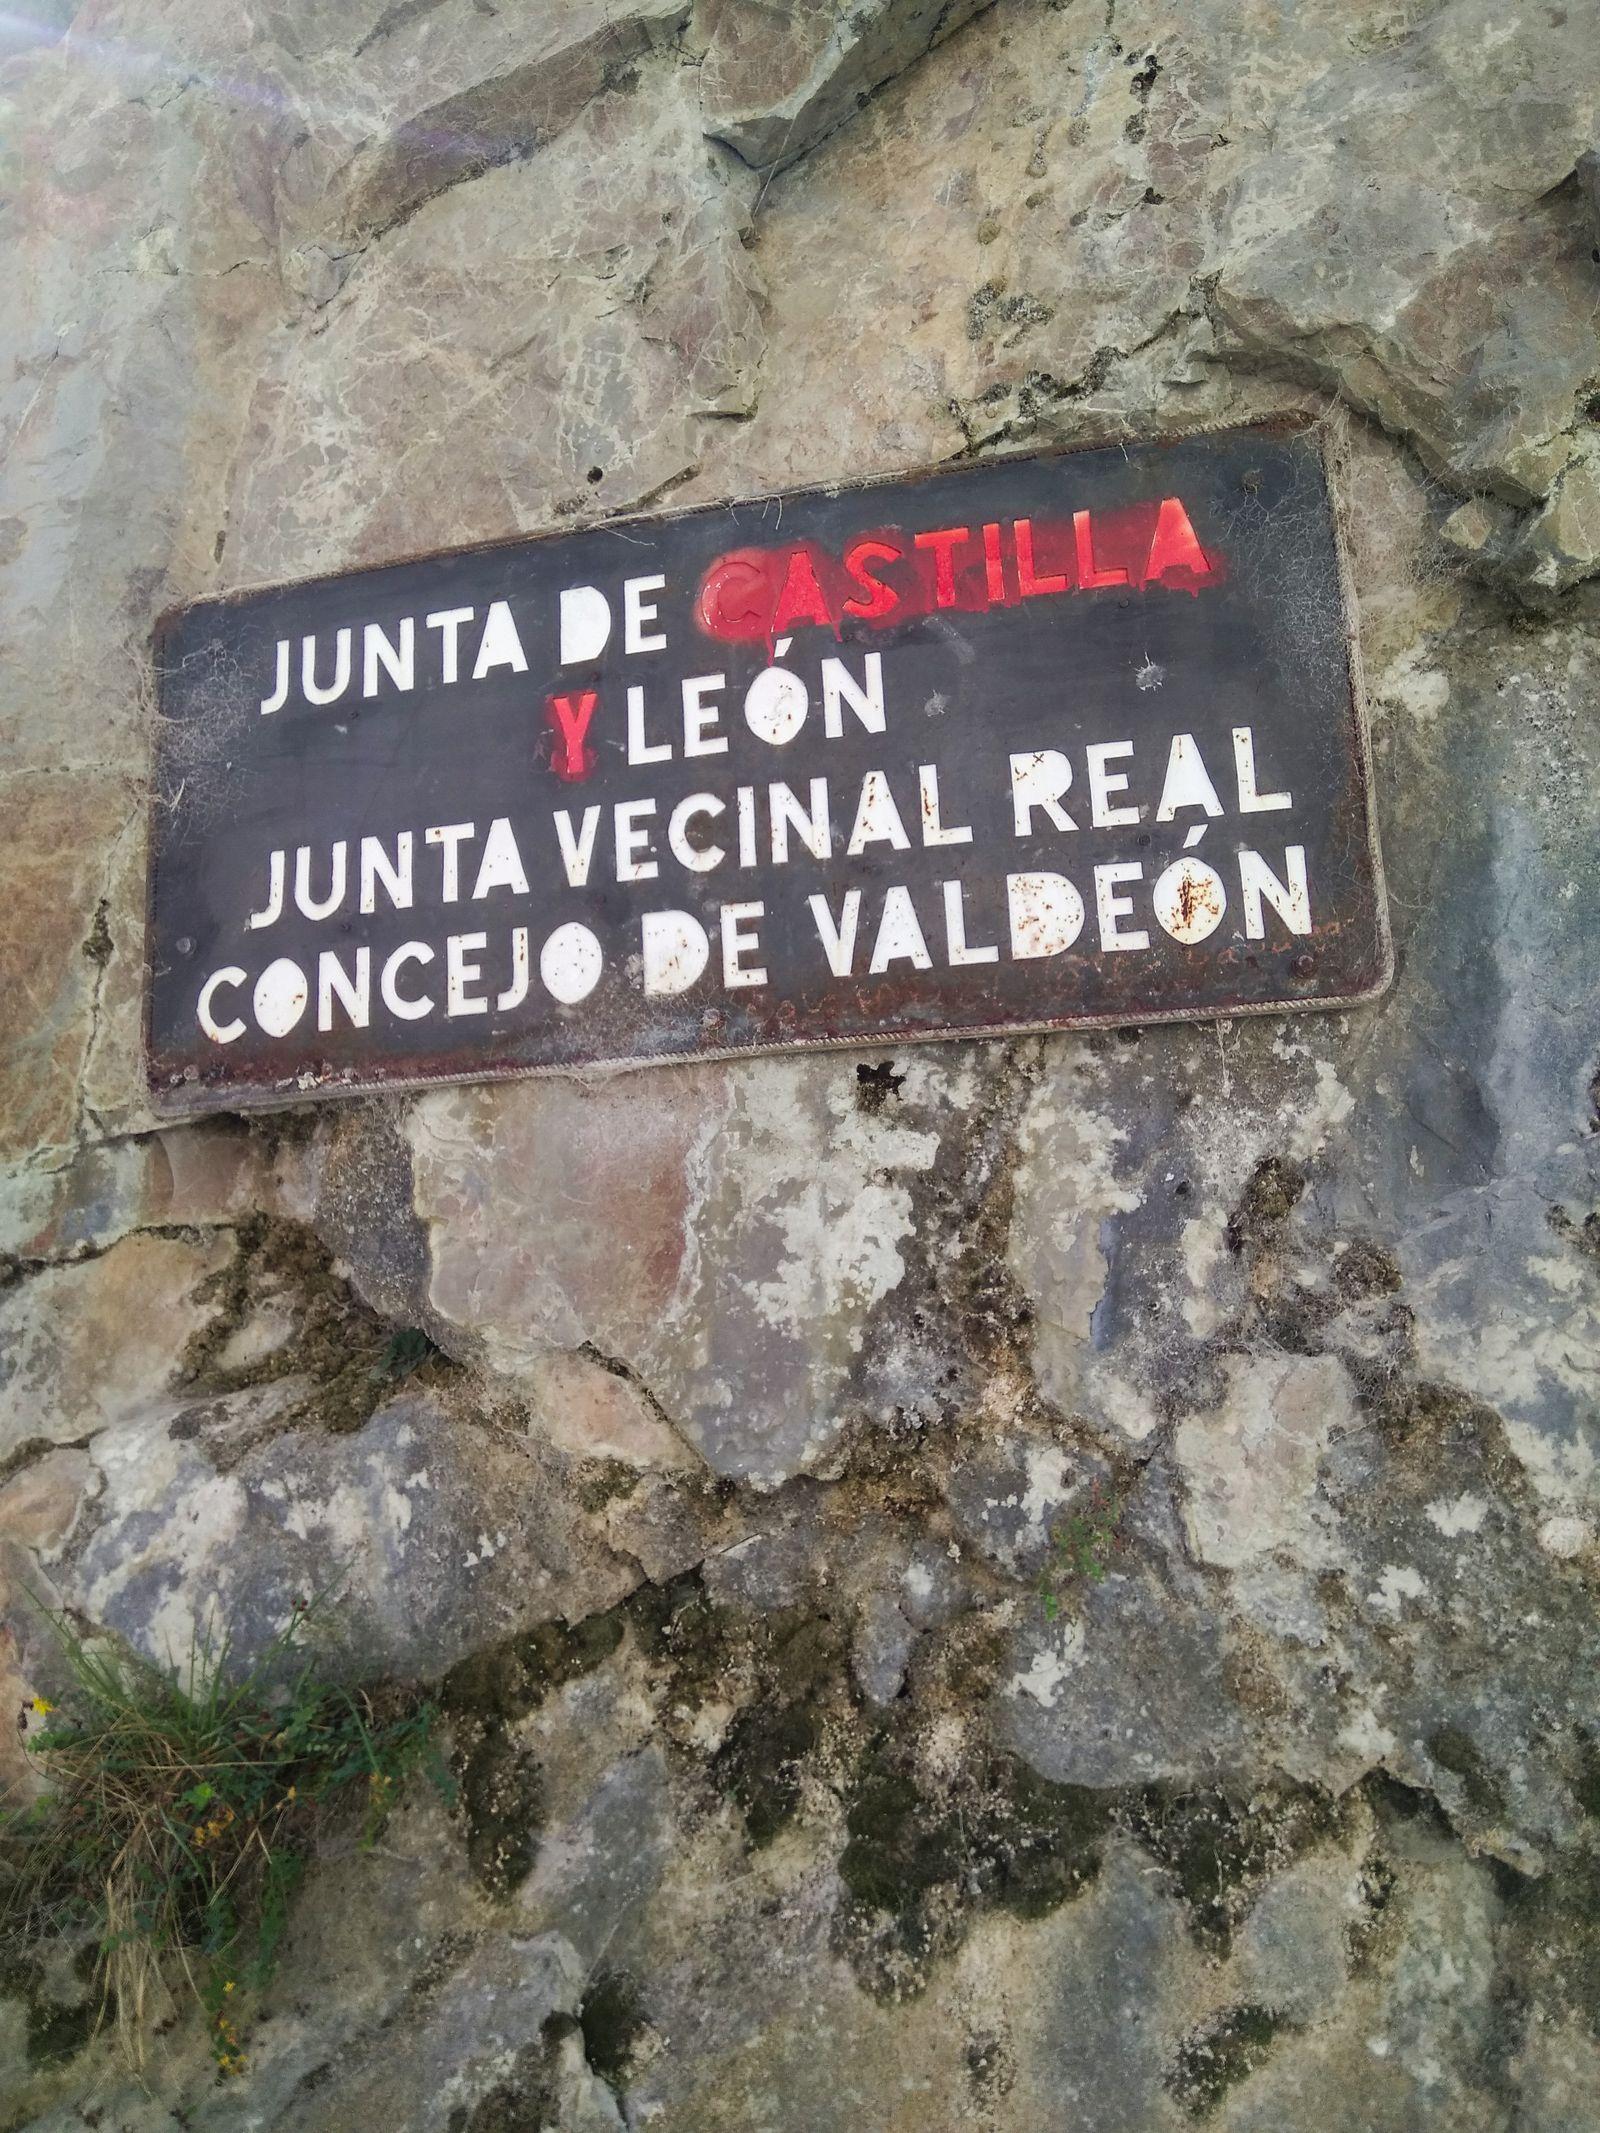 Separando Asturias de Castilla y León